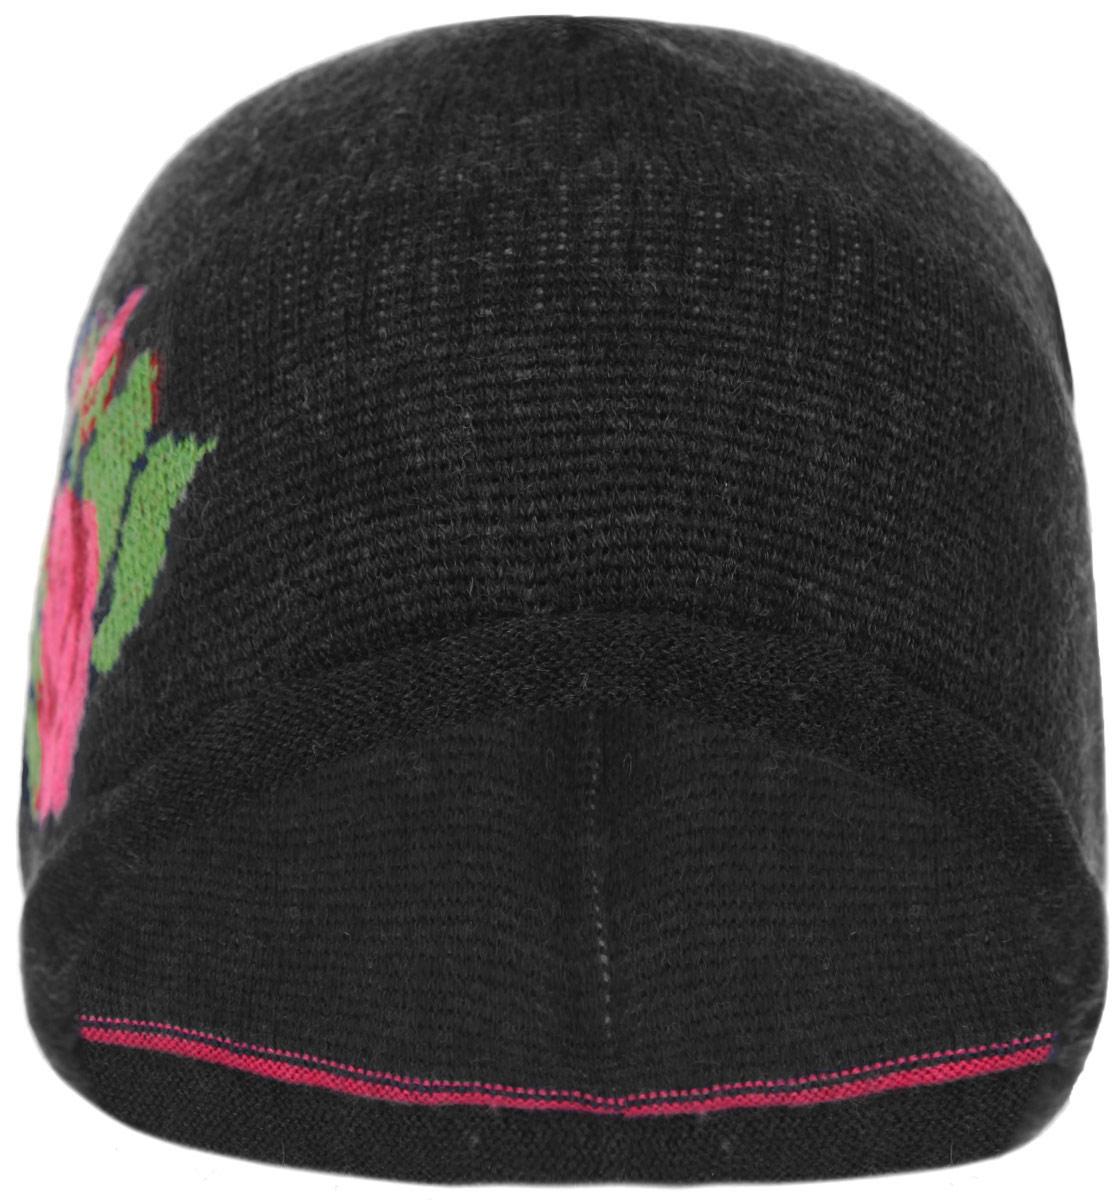 Шапка женская. 012.00005012.00005.01Стильная женская шапка Anti отлично дополнит ваш образ в холодную погоду. Шапка, выполненная из шерсти и акрила, отлично сохраняет тепло. Модель оформлена изображением розы. Такая модель комфортна и приятна на ощупь, она великолепно подчеркнет ваш вкус. Шапка Anti станет отличным дополнением к вашему осеннему или зимнему гардеробу, в ней вам будет уютно и тепло!